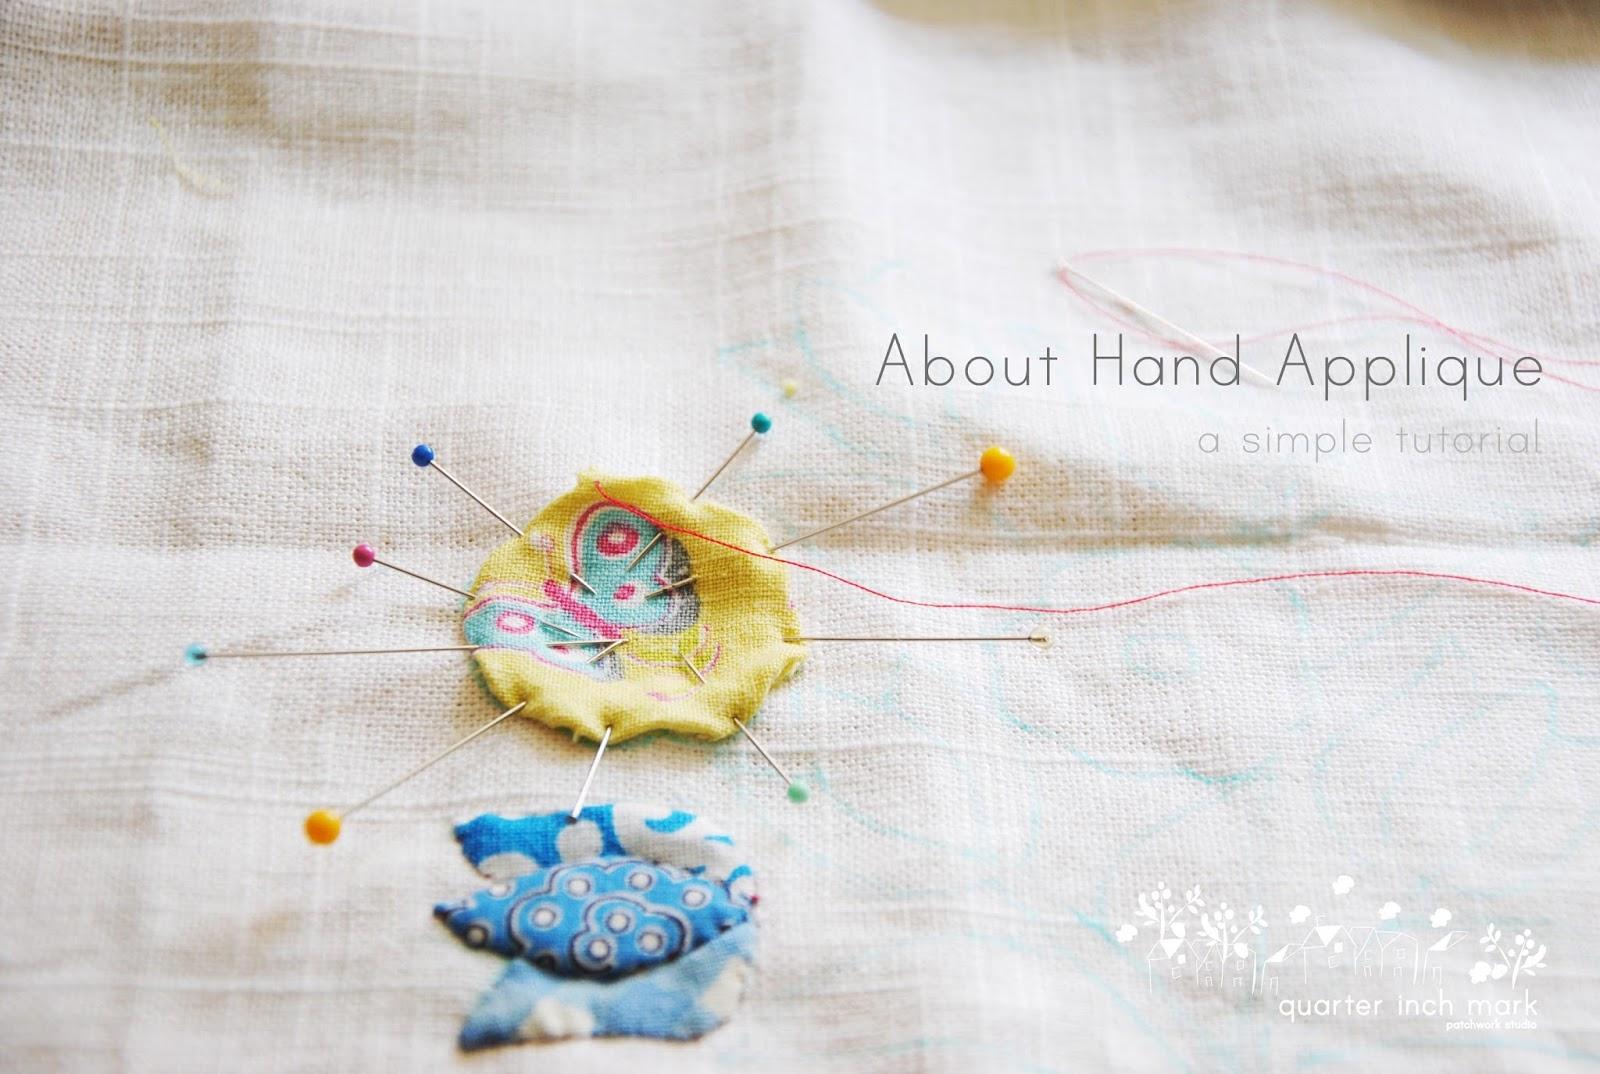 Organza cream saree with handwoven digital print hand applique